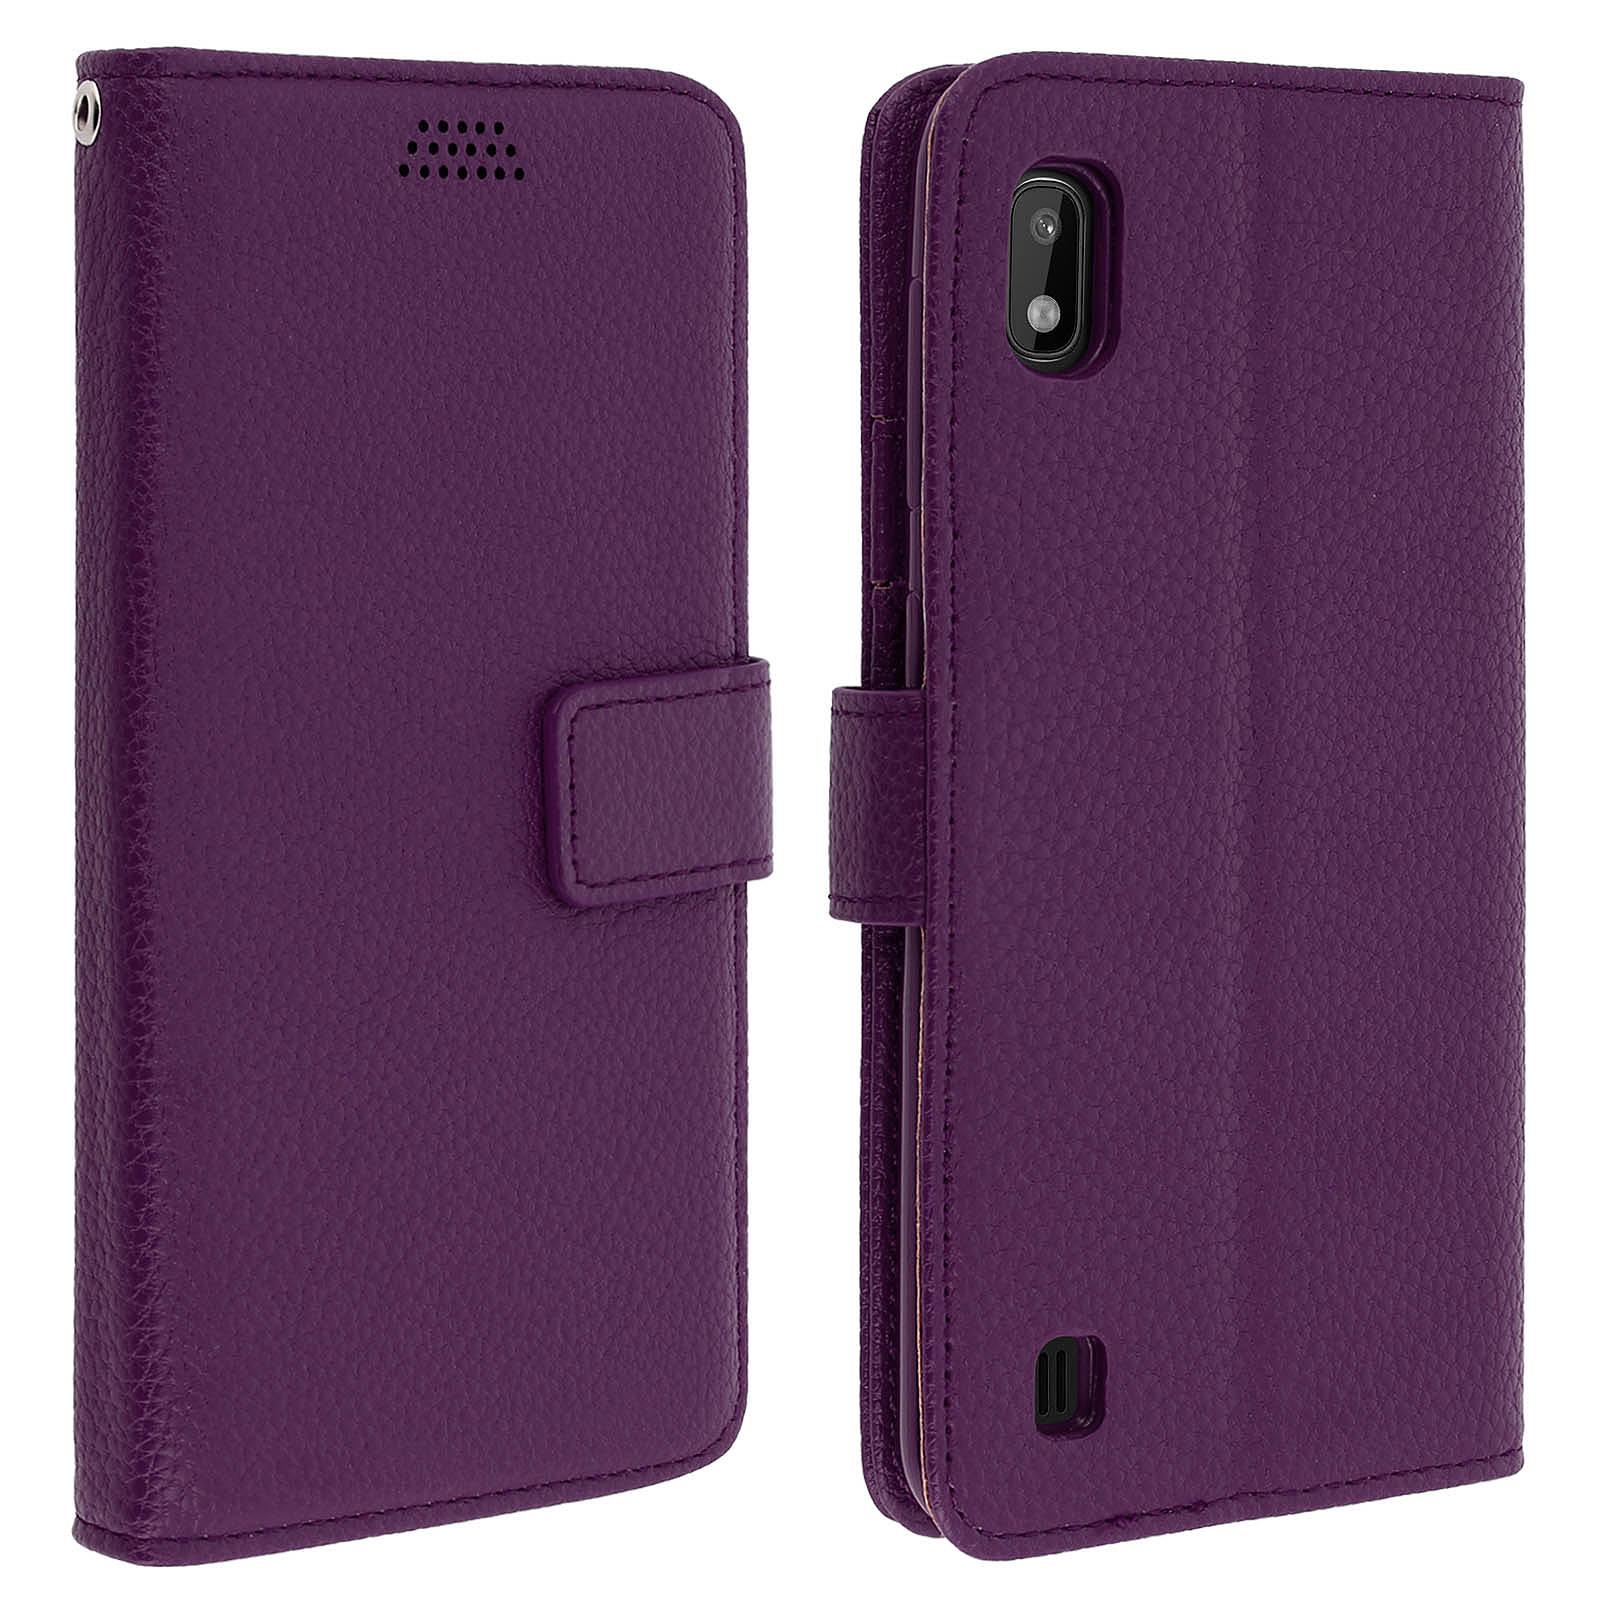 Avizar Etui folio Violet pour Samsung Galaxy A10